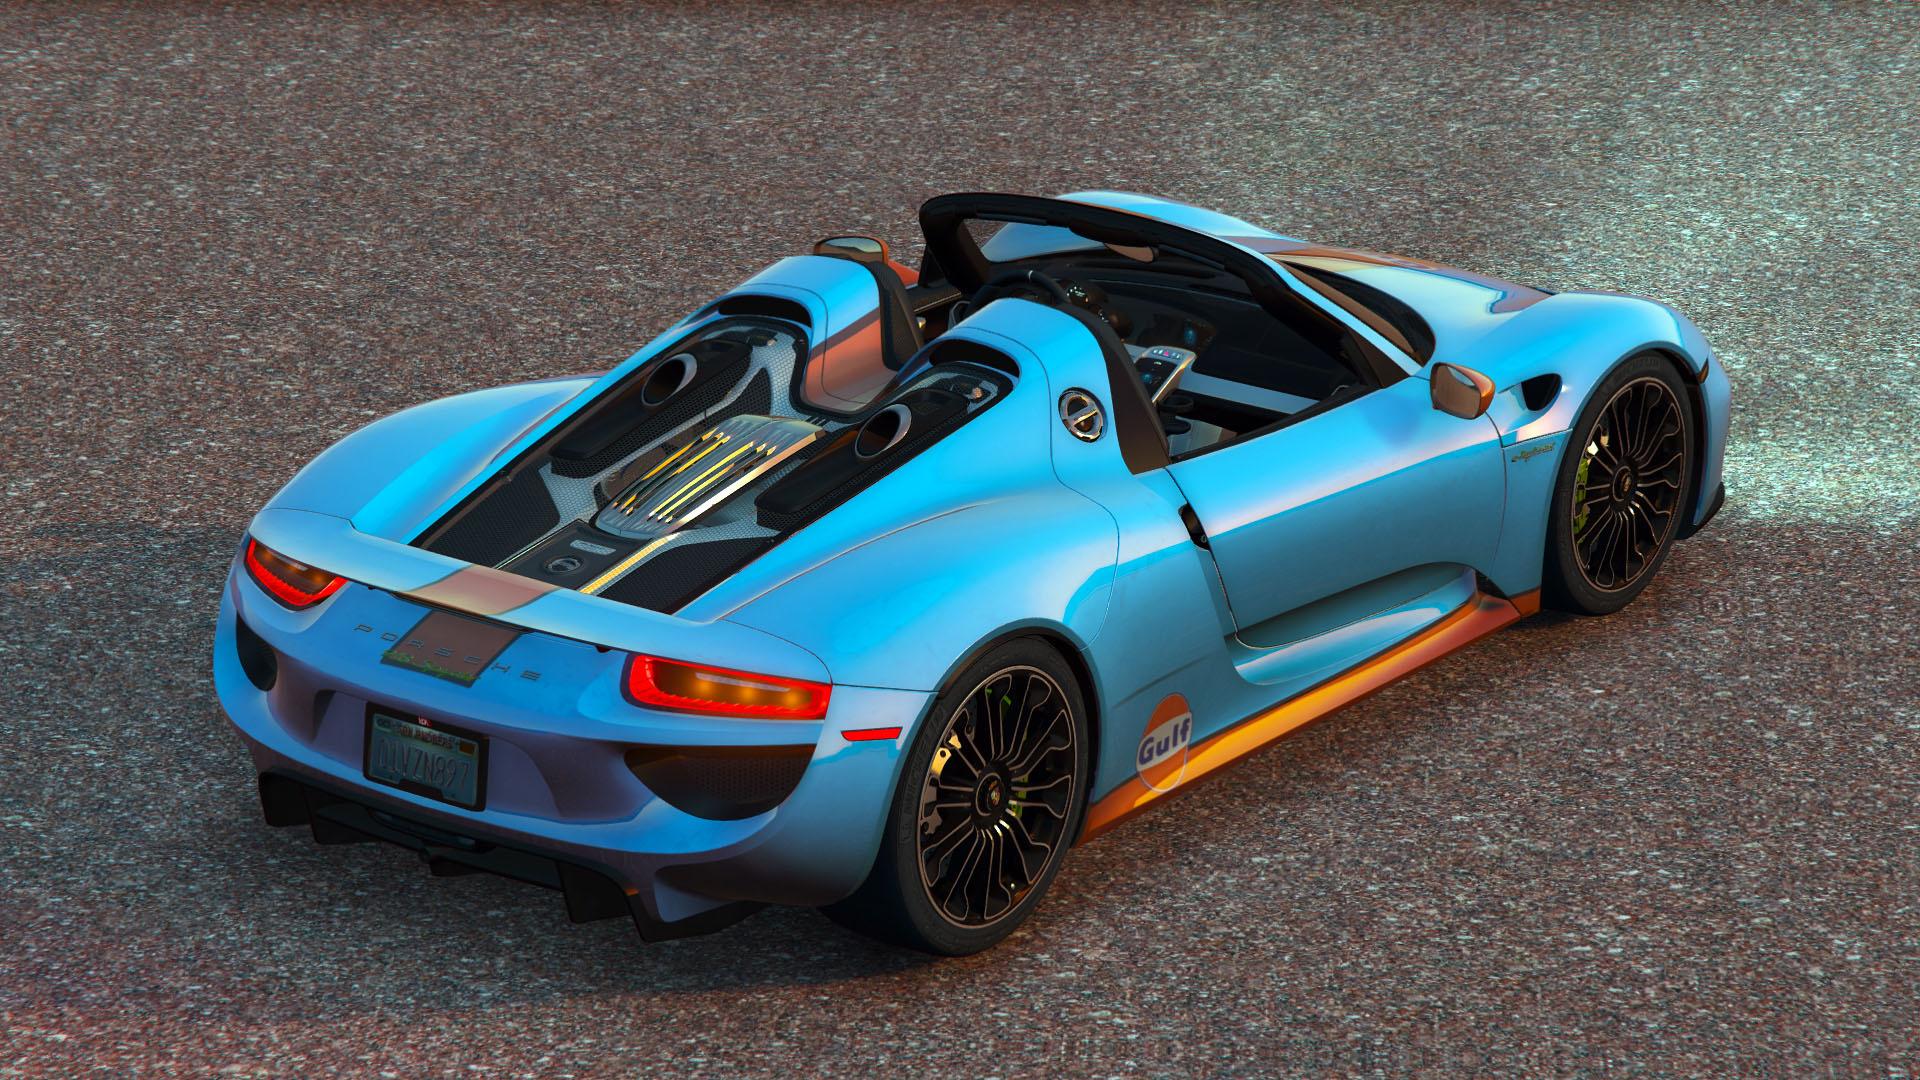 8f33ac-3 Stunning Porsche 918 Spyder Paint Job Cars Trend